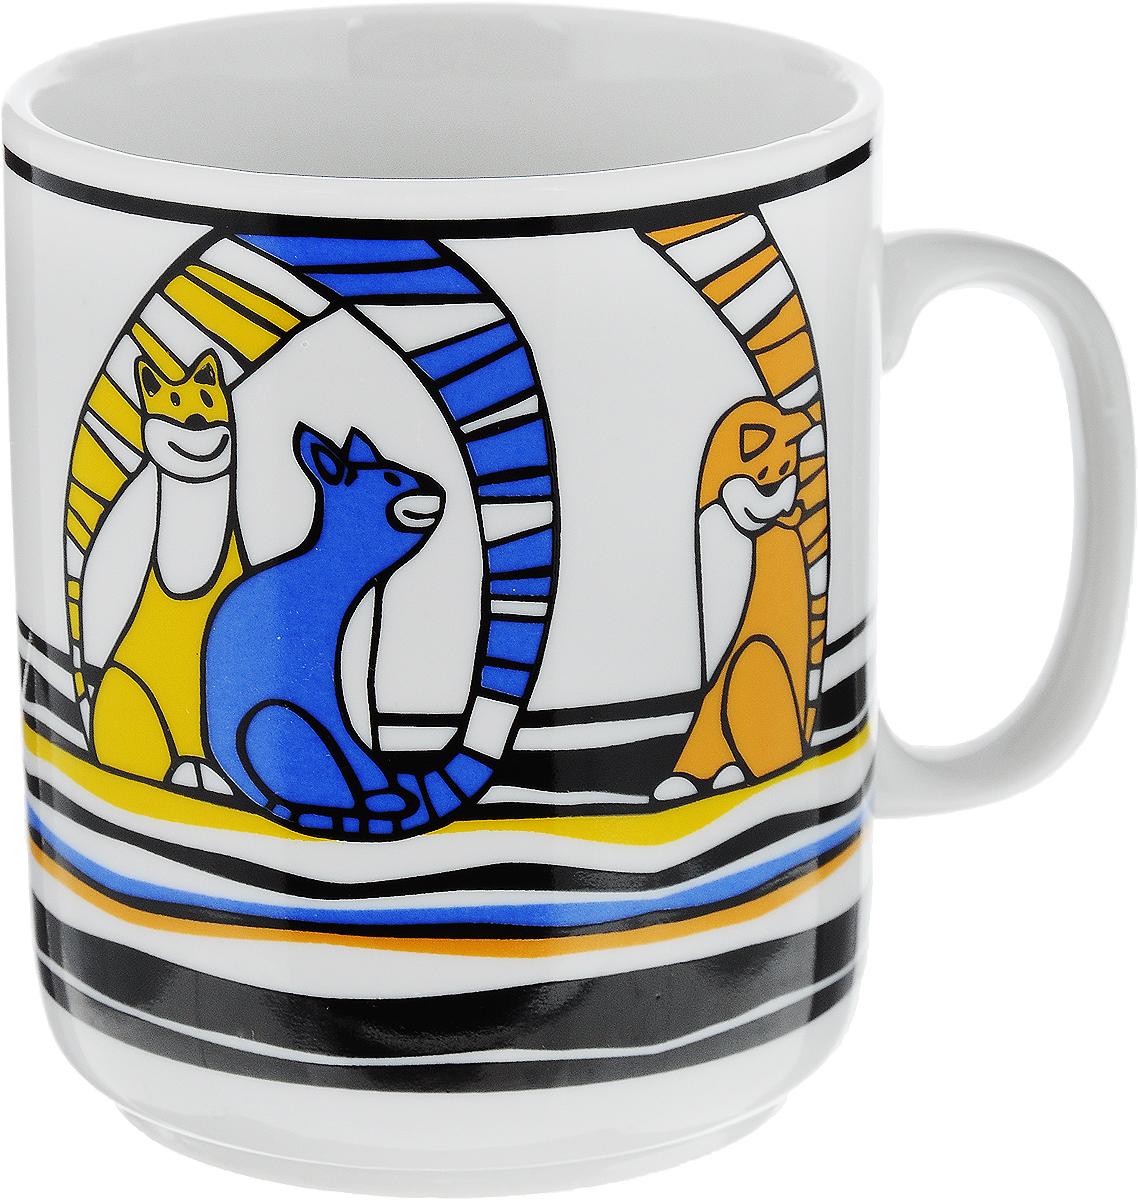 Кружка Фарфор Вербилок Коты, цвет: желтый, синий, оранжевый, 300 мл54 009312Кружка Фарфор Вербилок Коты способна скрасить любое чаепитие. Изделие выполнено из высококачественного фарфора. Посуда из такого материала позволяет сохранить истинный вкус напитка, а также помогает ему дольше оставаться теплым.Диаметр по верхнему краю: 8 см.Высота кружки: 9,5 см.